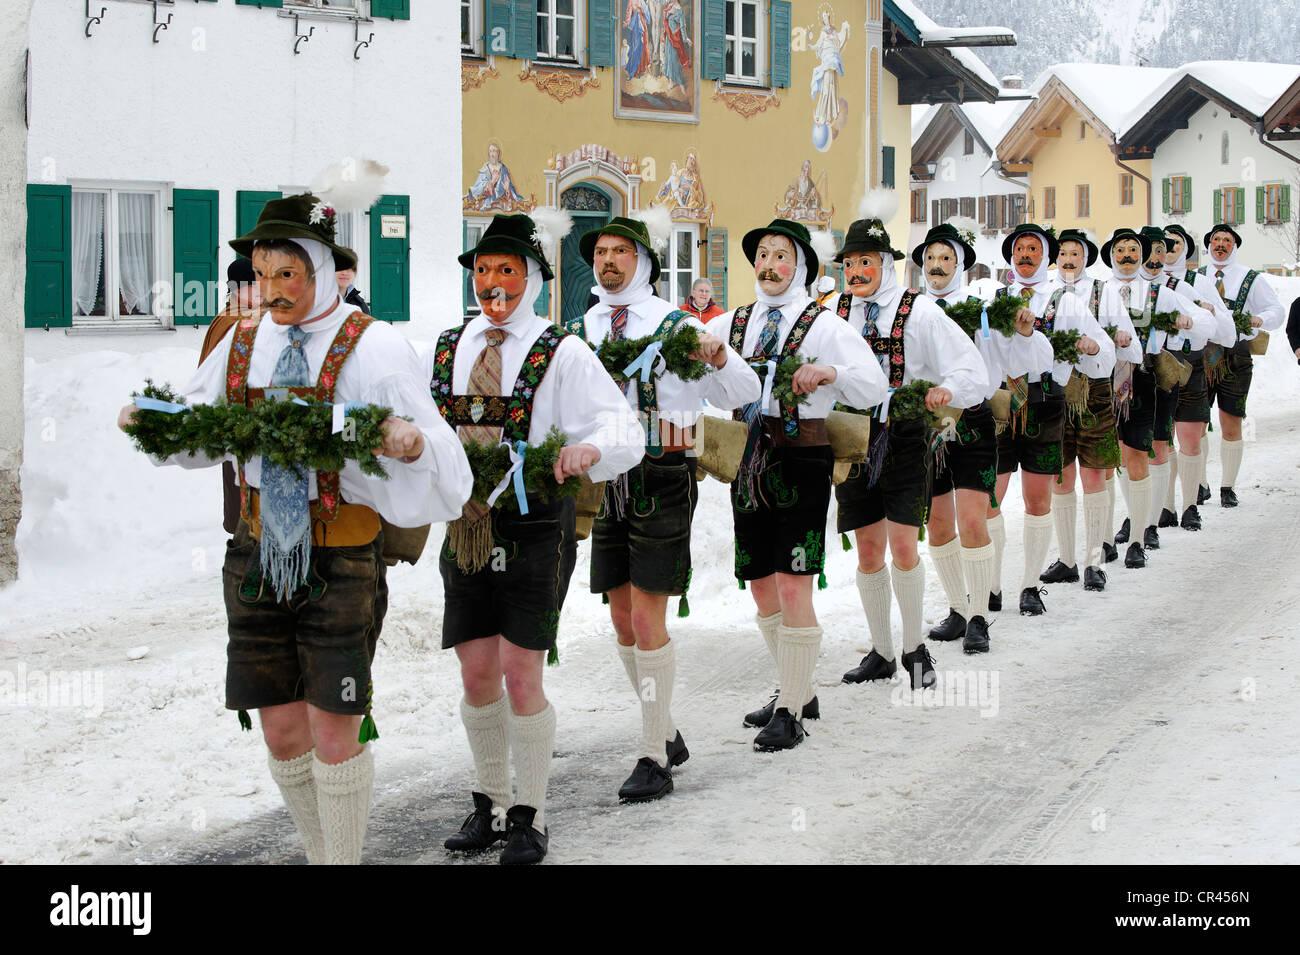 Los hombres con campanas, tradicionales trajes de carnaval, desfile de carnaval, Maschkera, Mittenwald, Werdenfelser Imagen De Stock